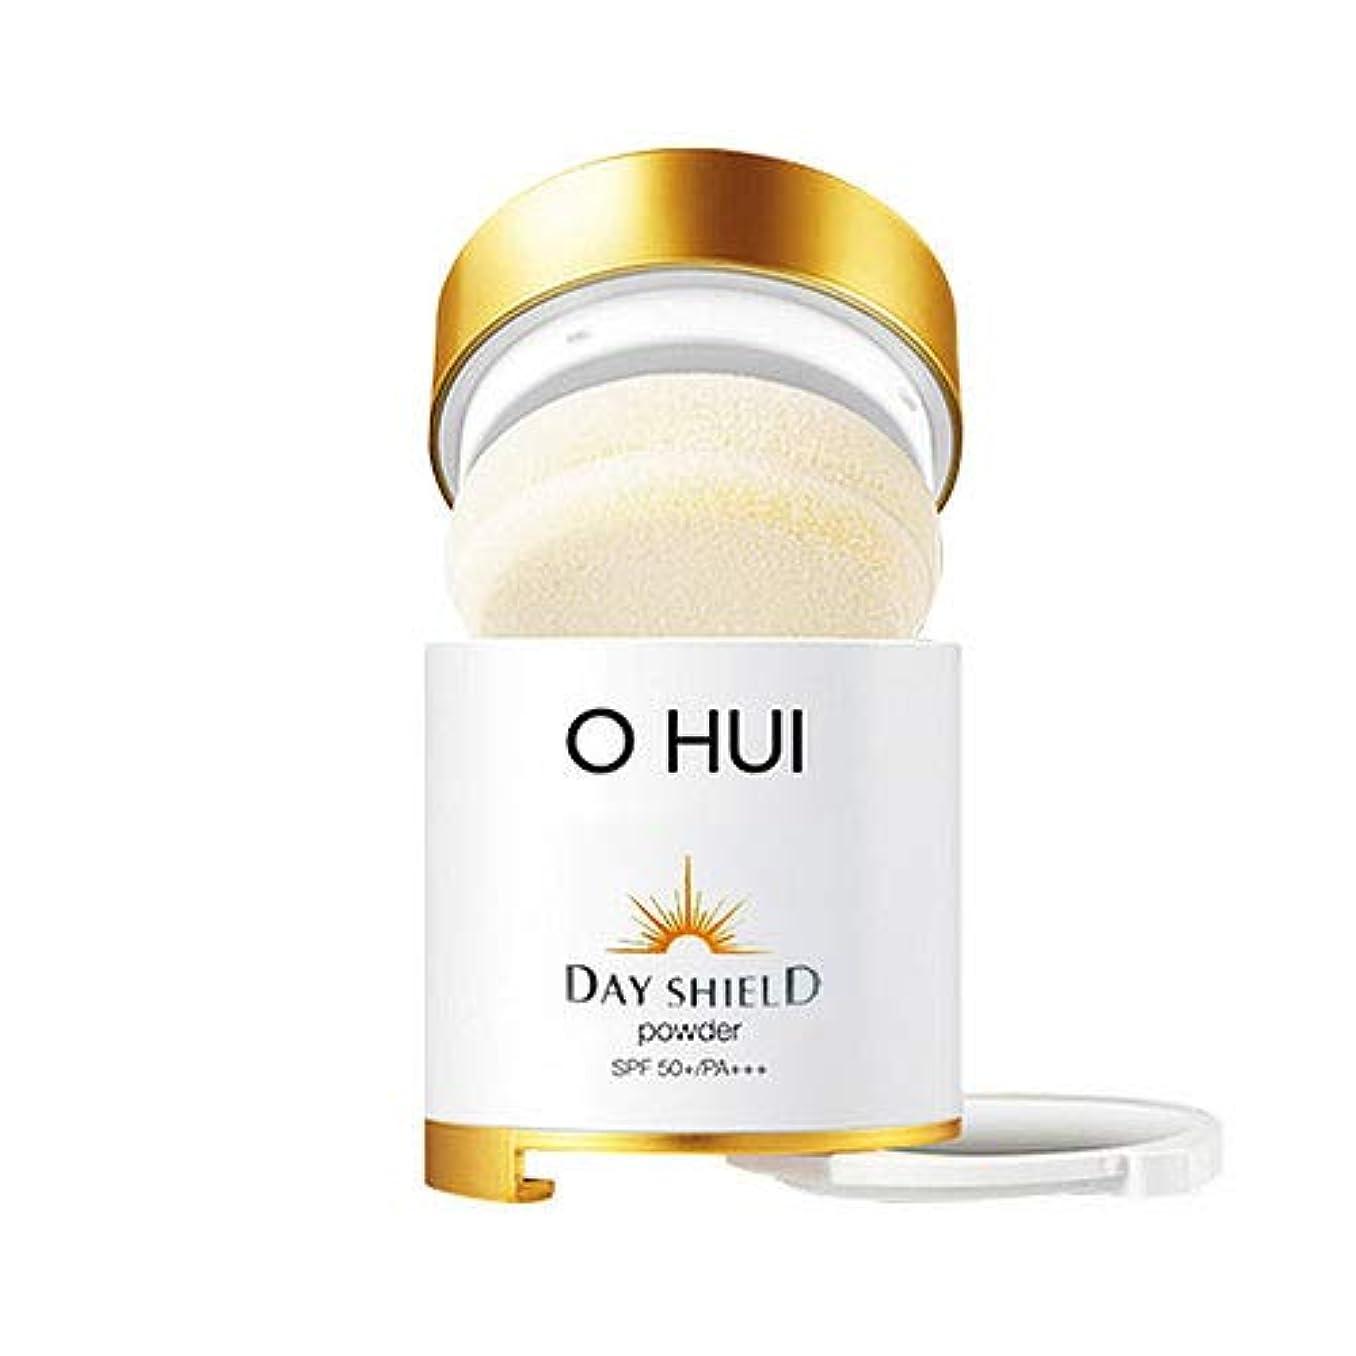 支出切り離す関係するオフィ デイシールドサンパウダー 20g OHUI Day Shield Sun Powder (# beige) [並行輸入品]